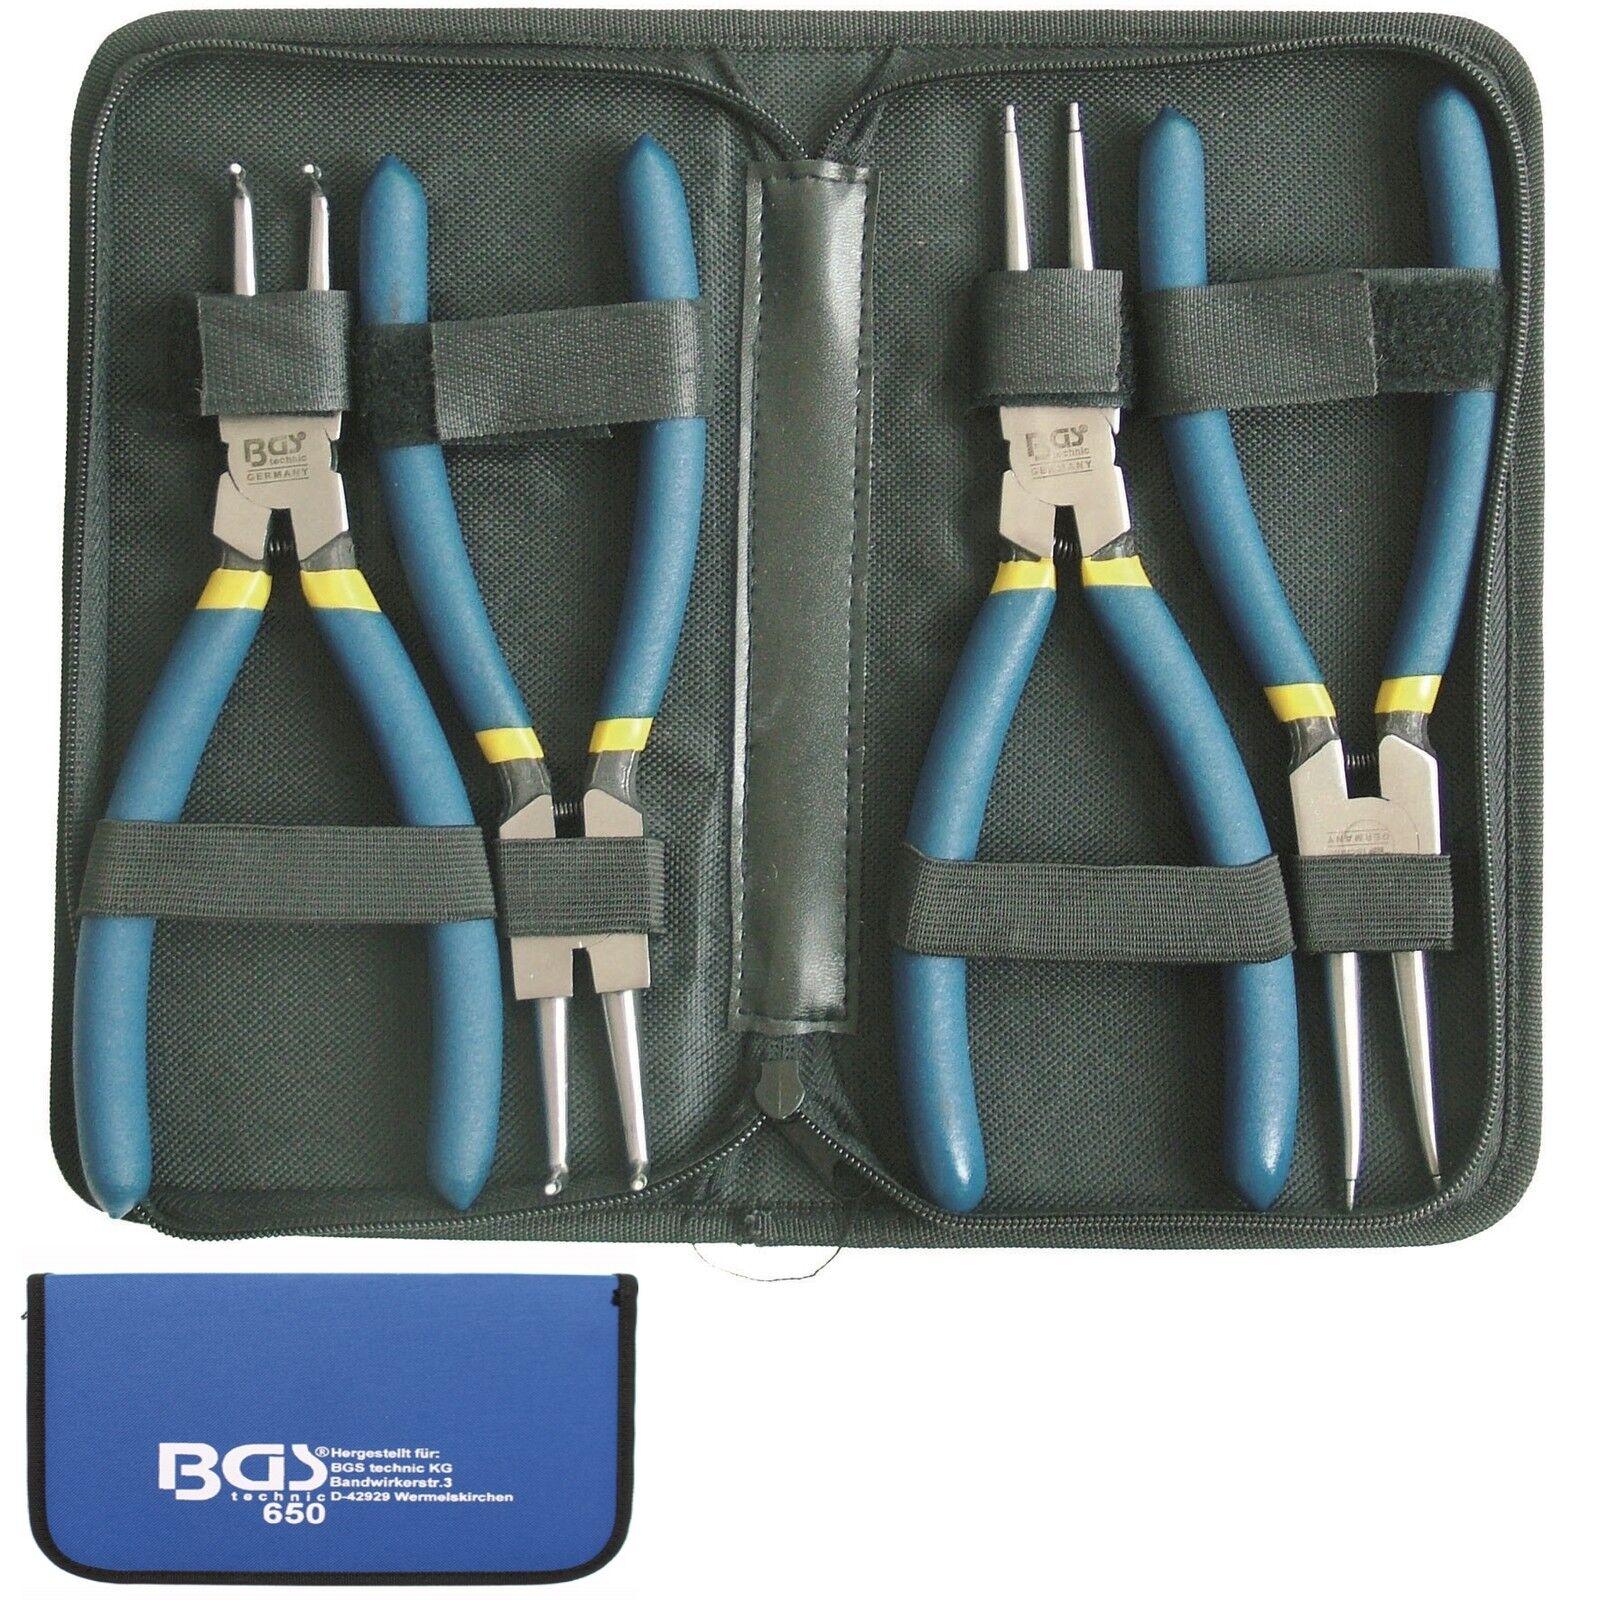 BGS  4x Sicherungsring Zange Satz Sprengringzange Sprengring Sicherungsringzange   Creative    Feinen Qualität    Große Auswahl    Good Design